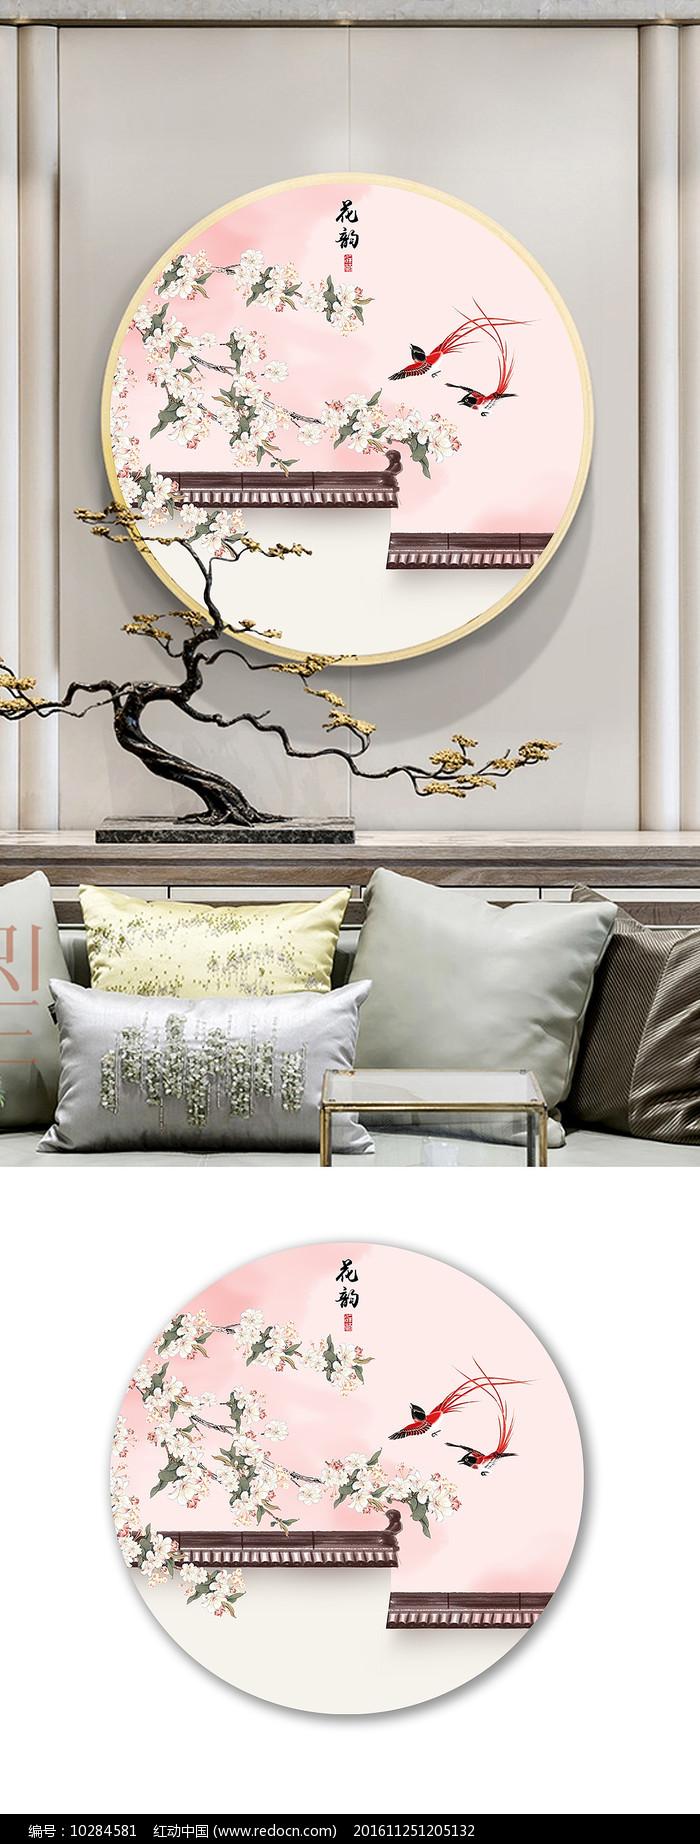 新中式古典工笔花鸟海棠圆形装饰画图片